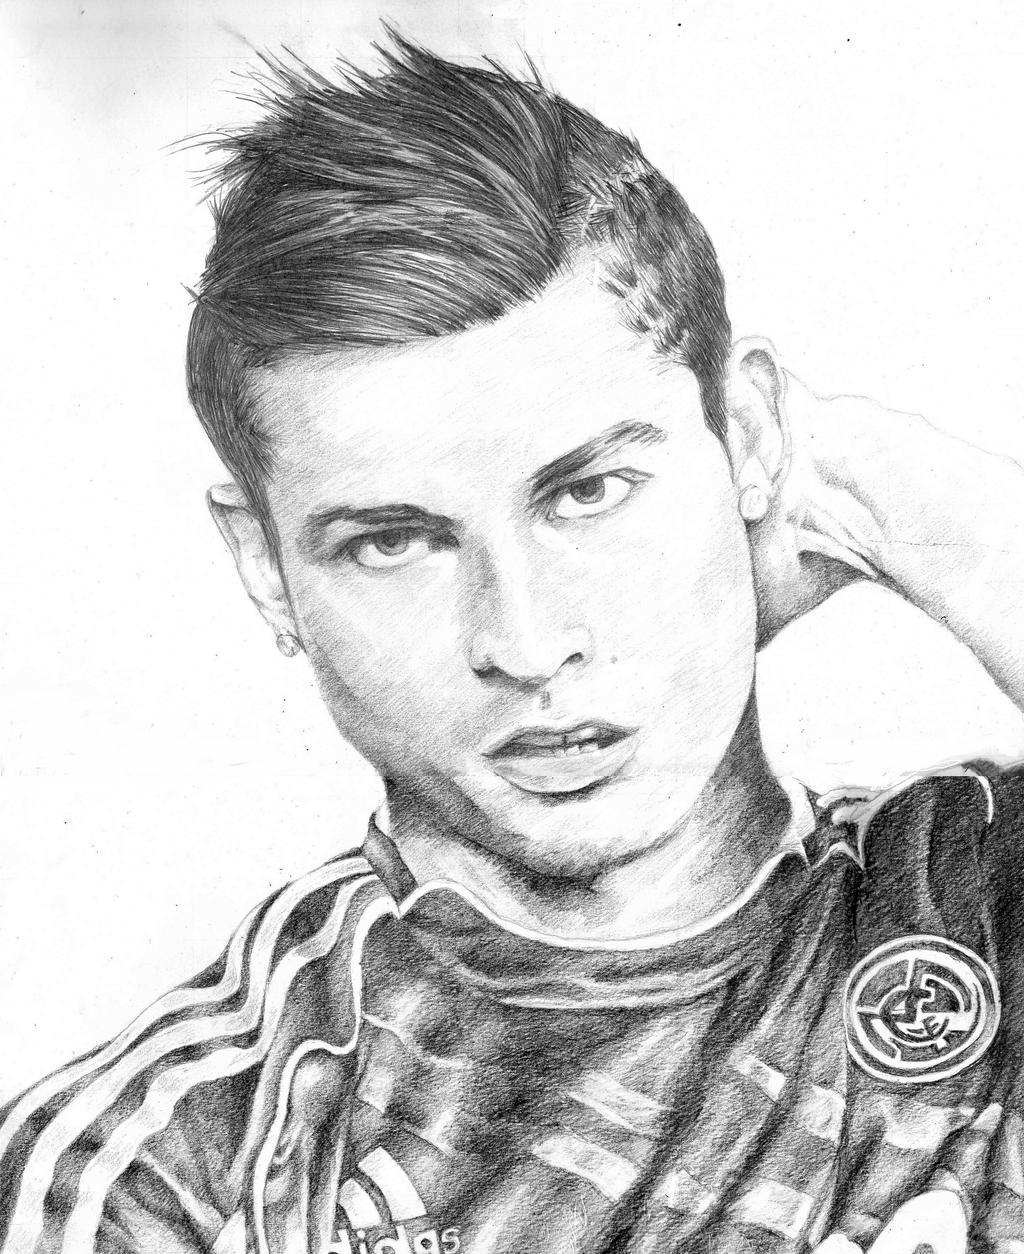 Cristiano Ronaldo By Narutomihai On DeviantArt